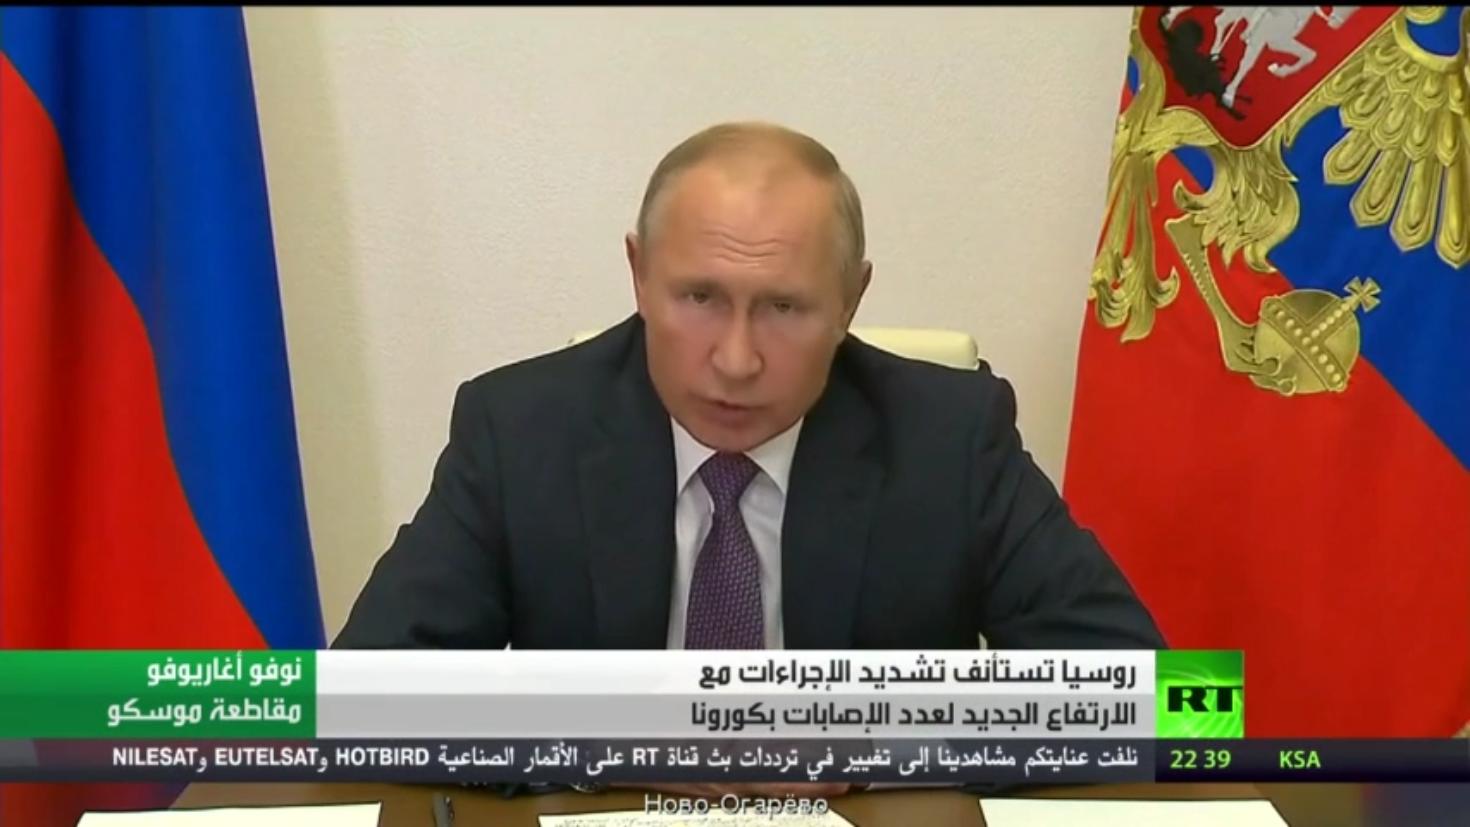 إجراءات مشددة في روسيا لمواجهة كورونا